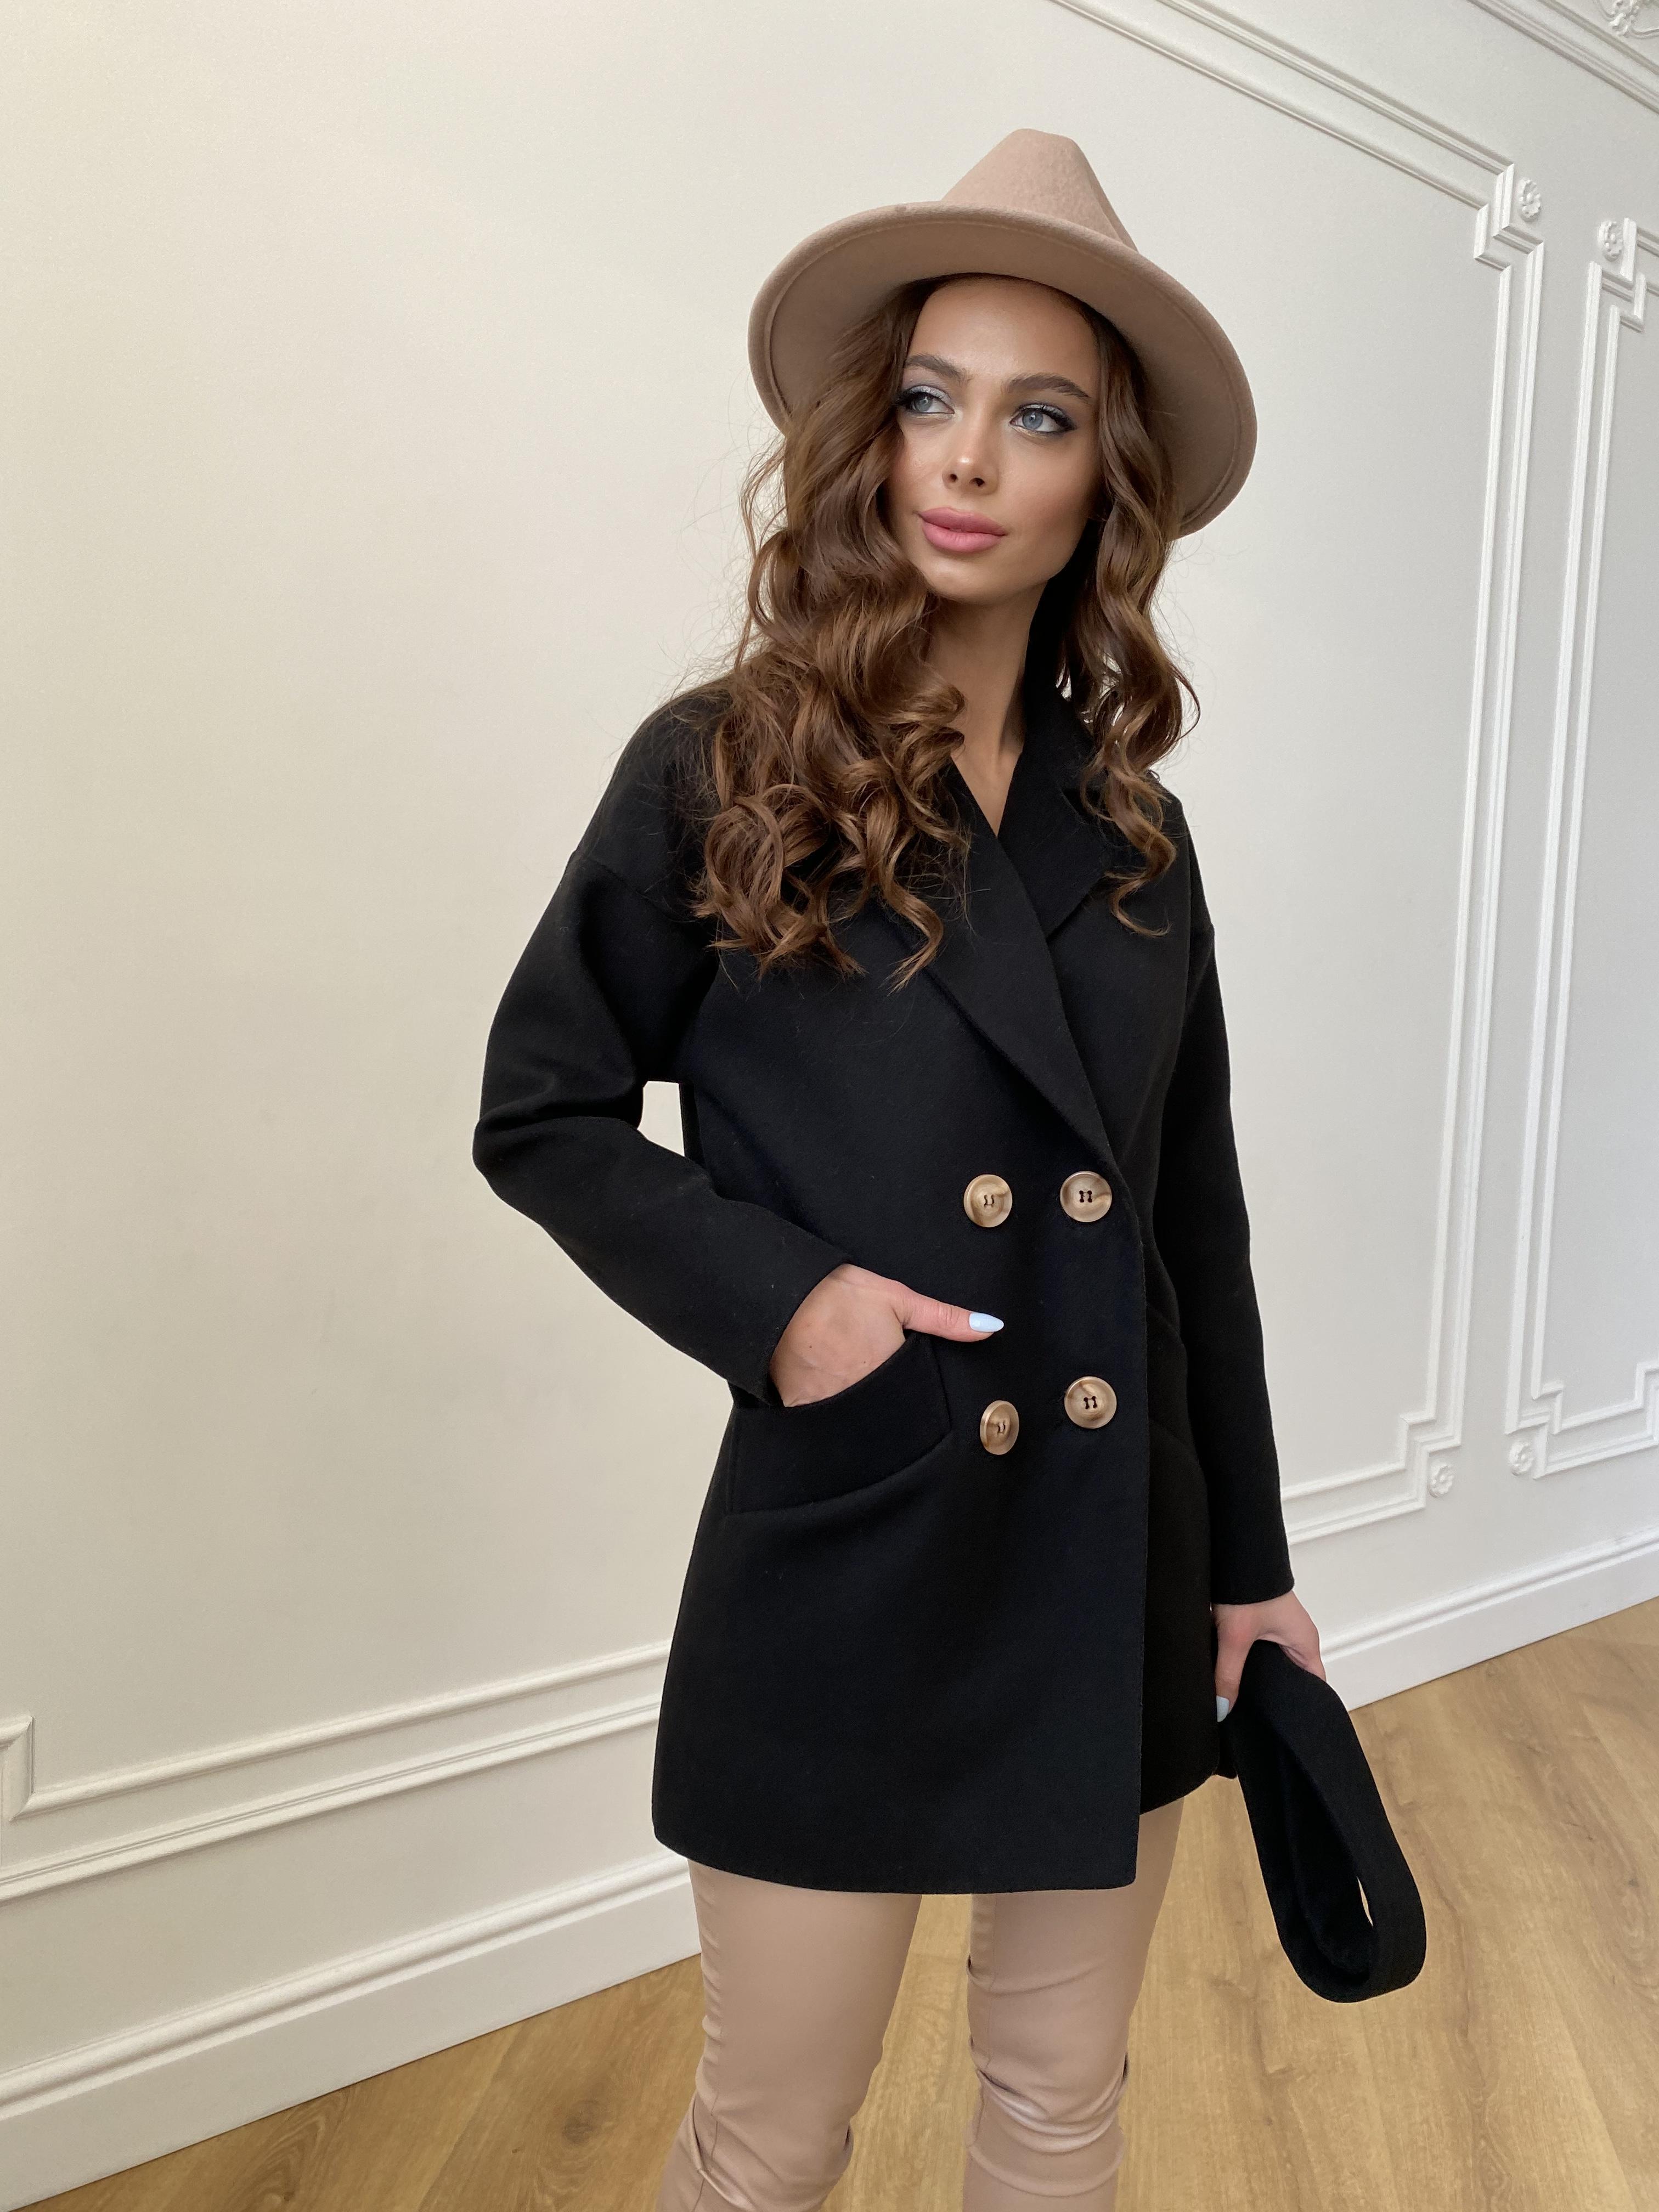 Бонд пальто из гладкого кашемира 10900 АРТ. 47367 Цвет: Черный - фото 6, интернет магазин tm-modus.ru